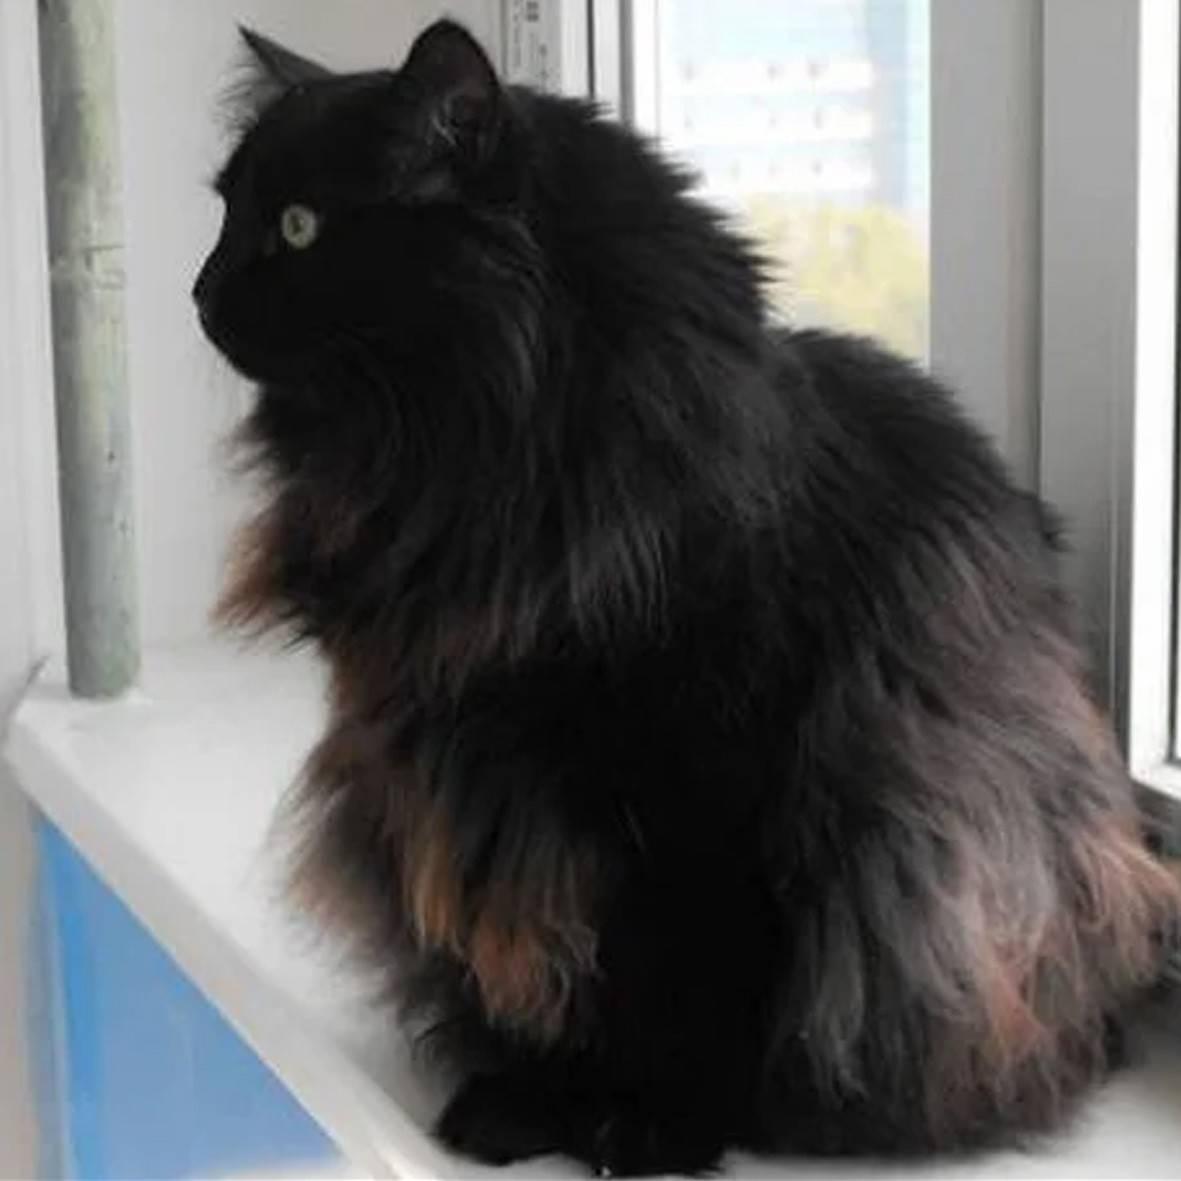 Тиффани-кошка: описание и характеристики породы, особенности содержания, уход и забота